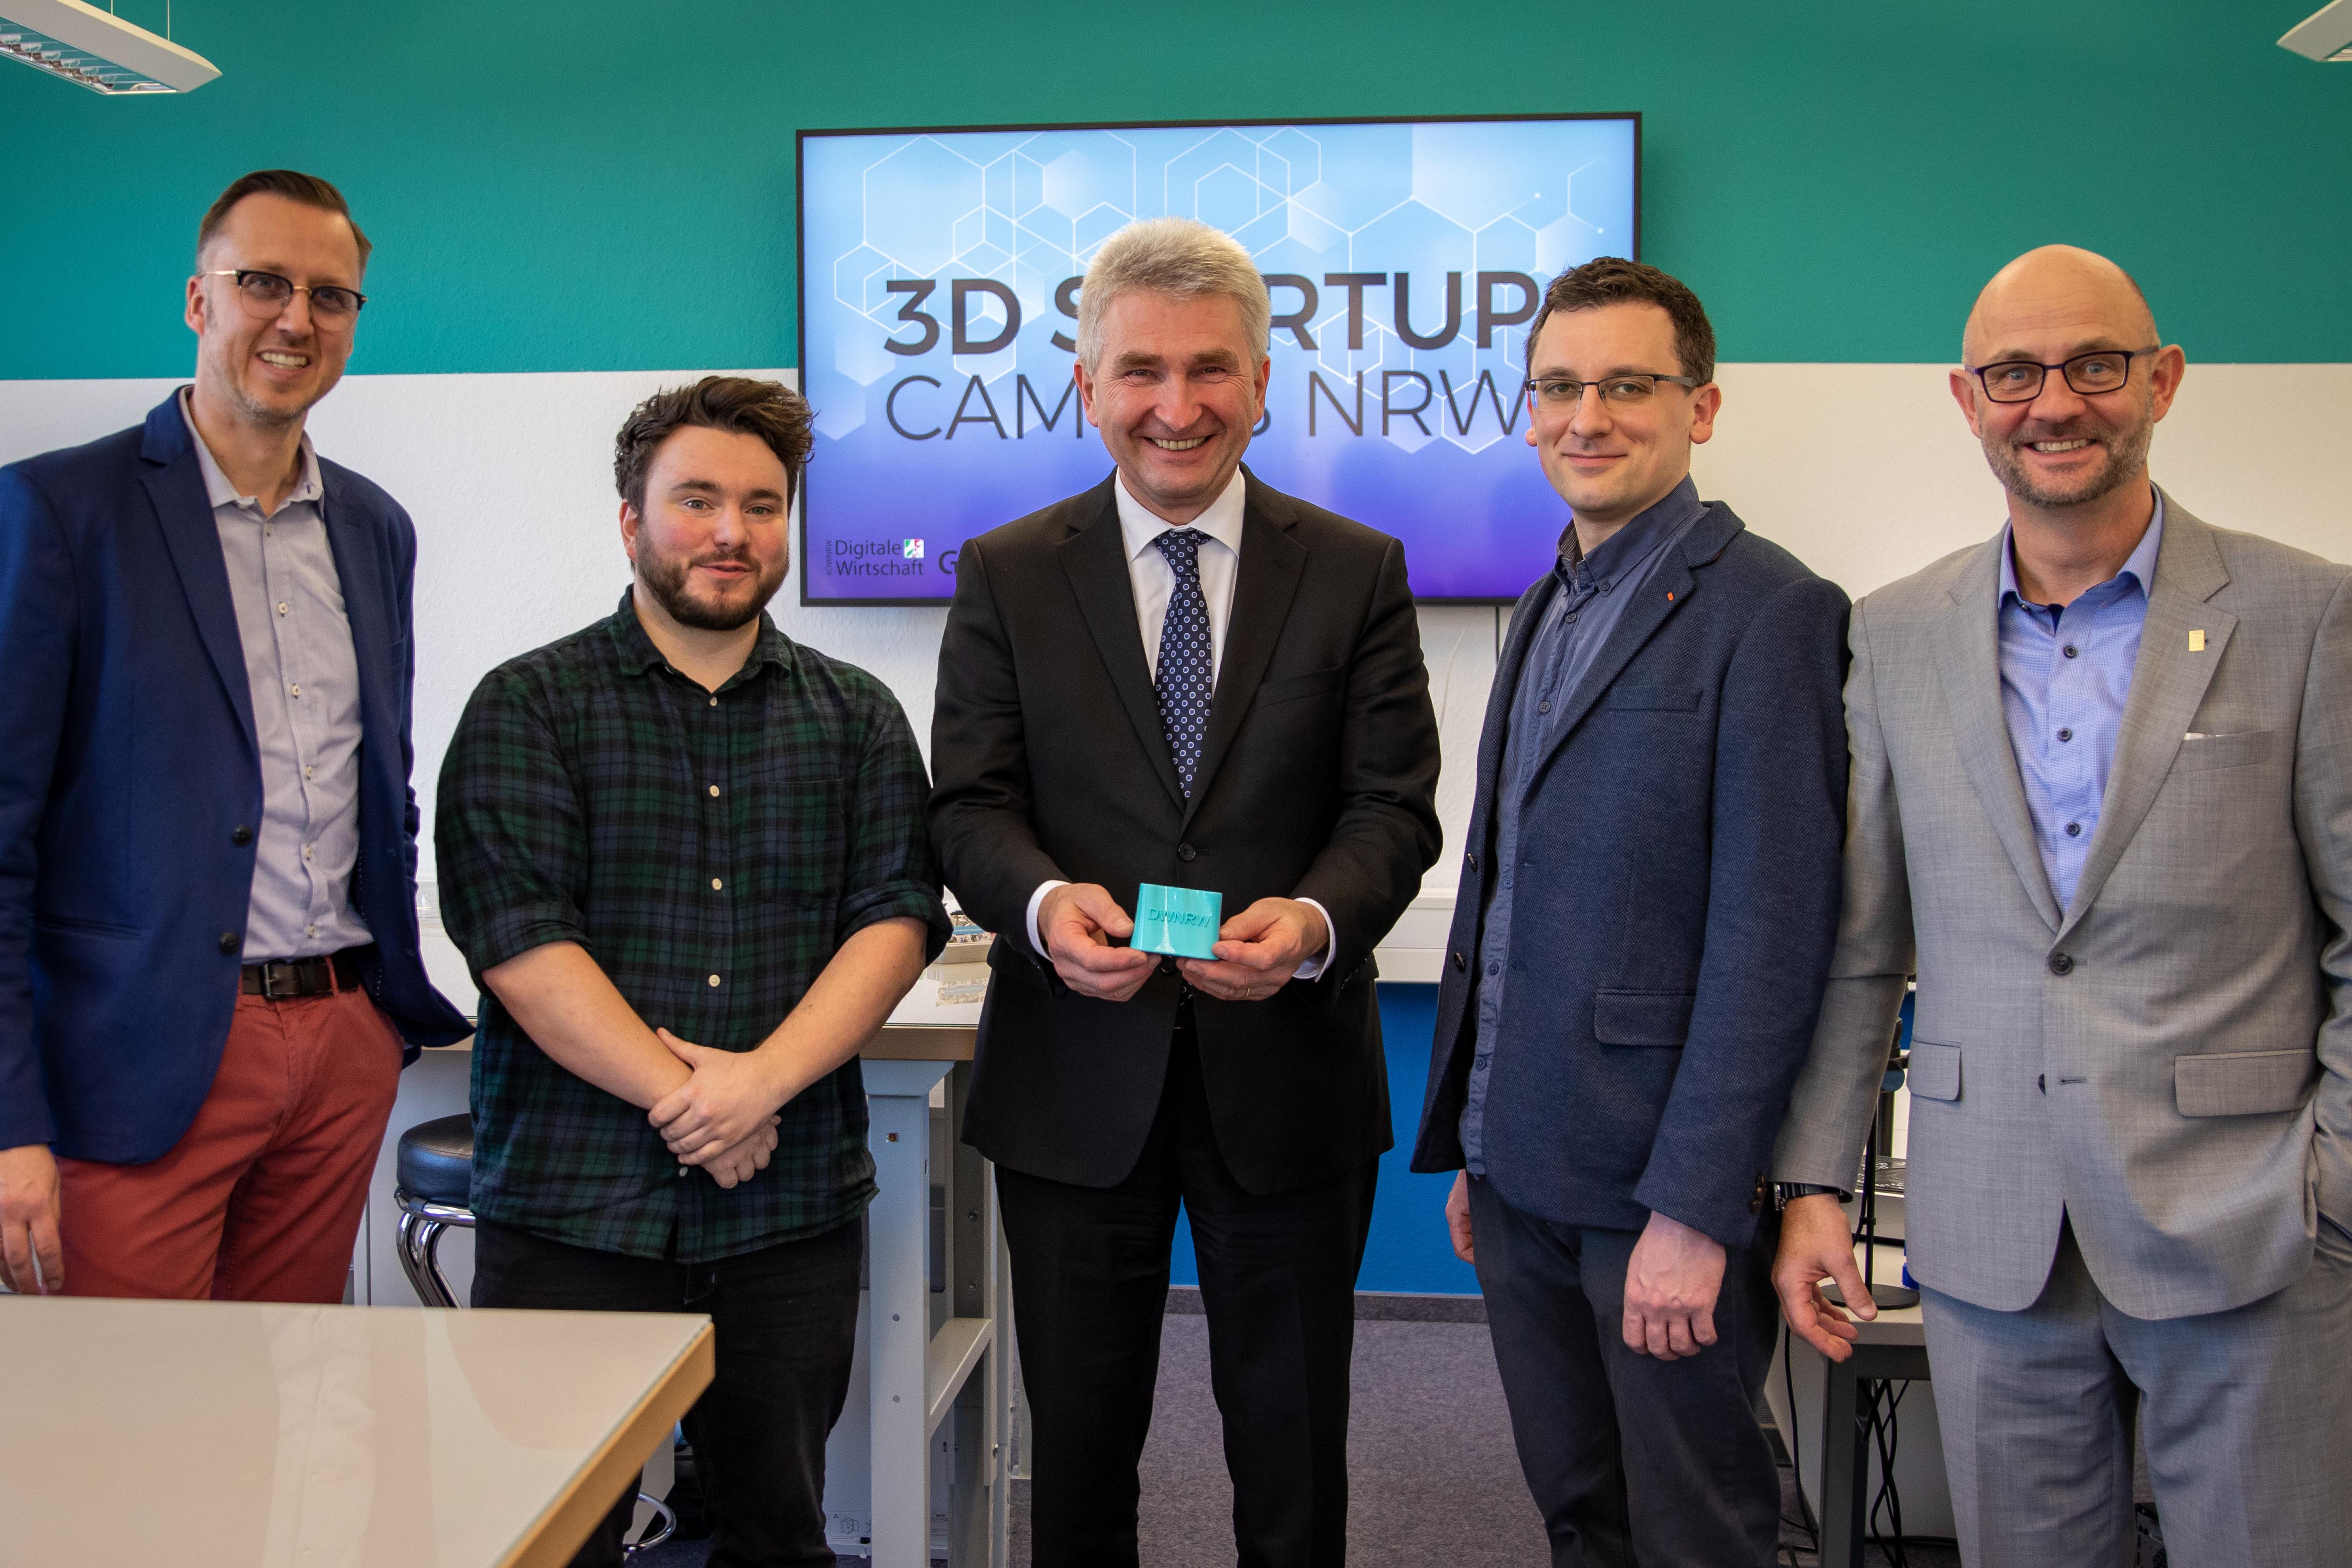 """Wirtschaftsminister Prof. Pinkwart besucht den """"3D Startup Campus NRW"""" in Solingen"""